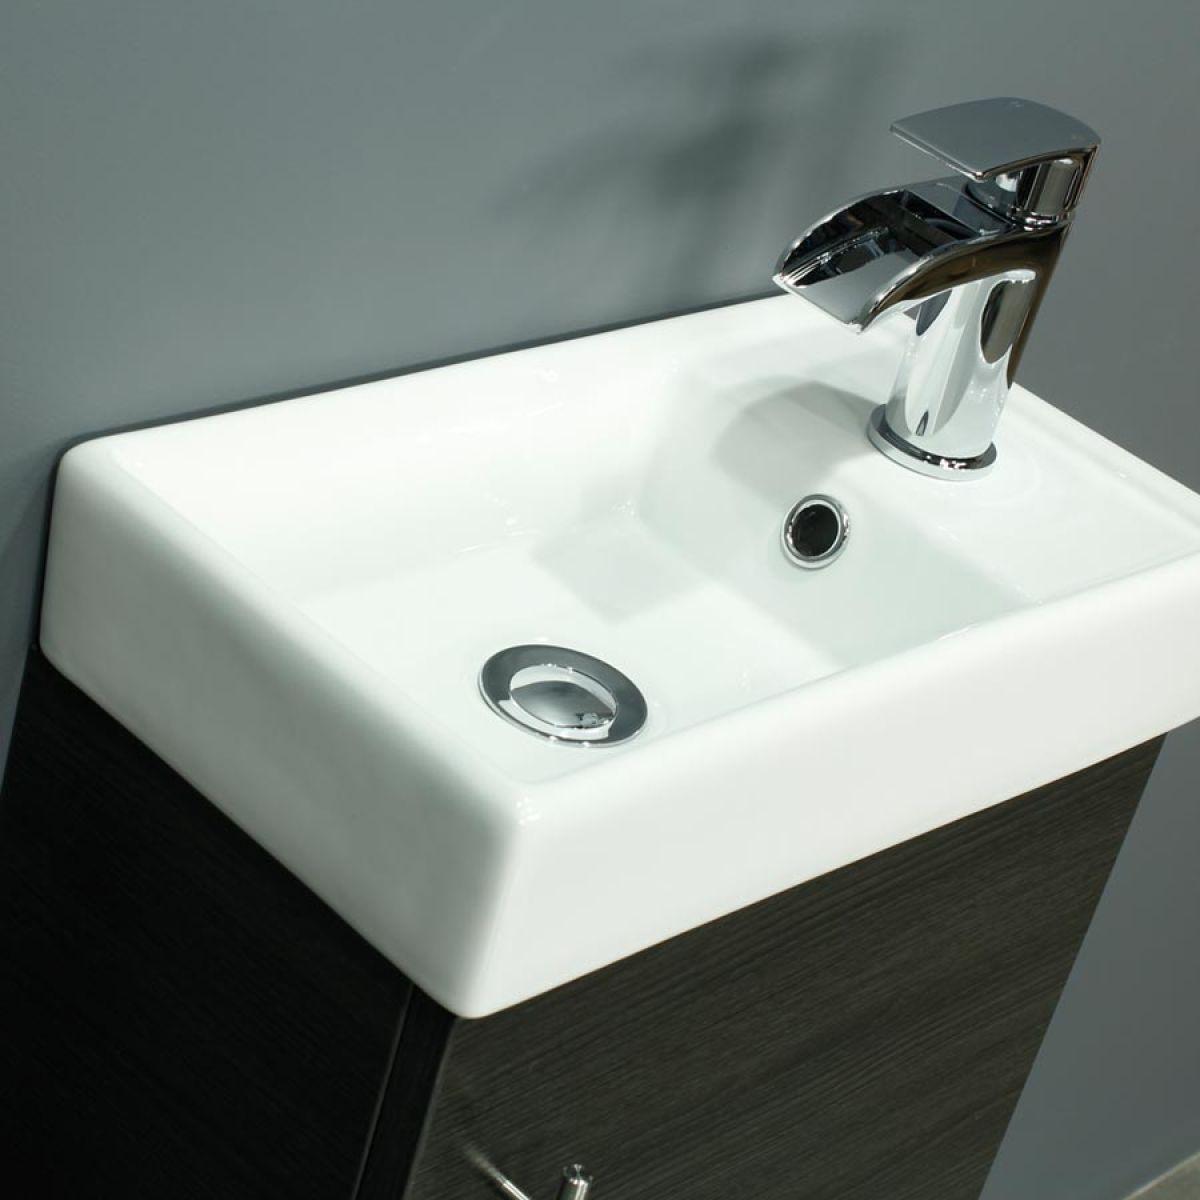 RAK Series 600 Toilet and 400 Series Black Ash Vanity Unit Basin